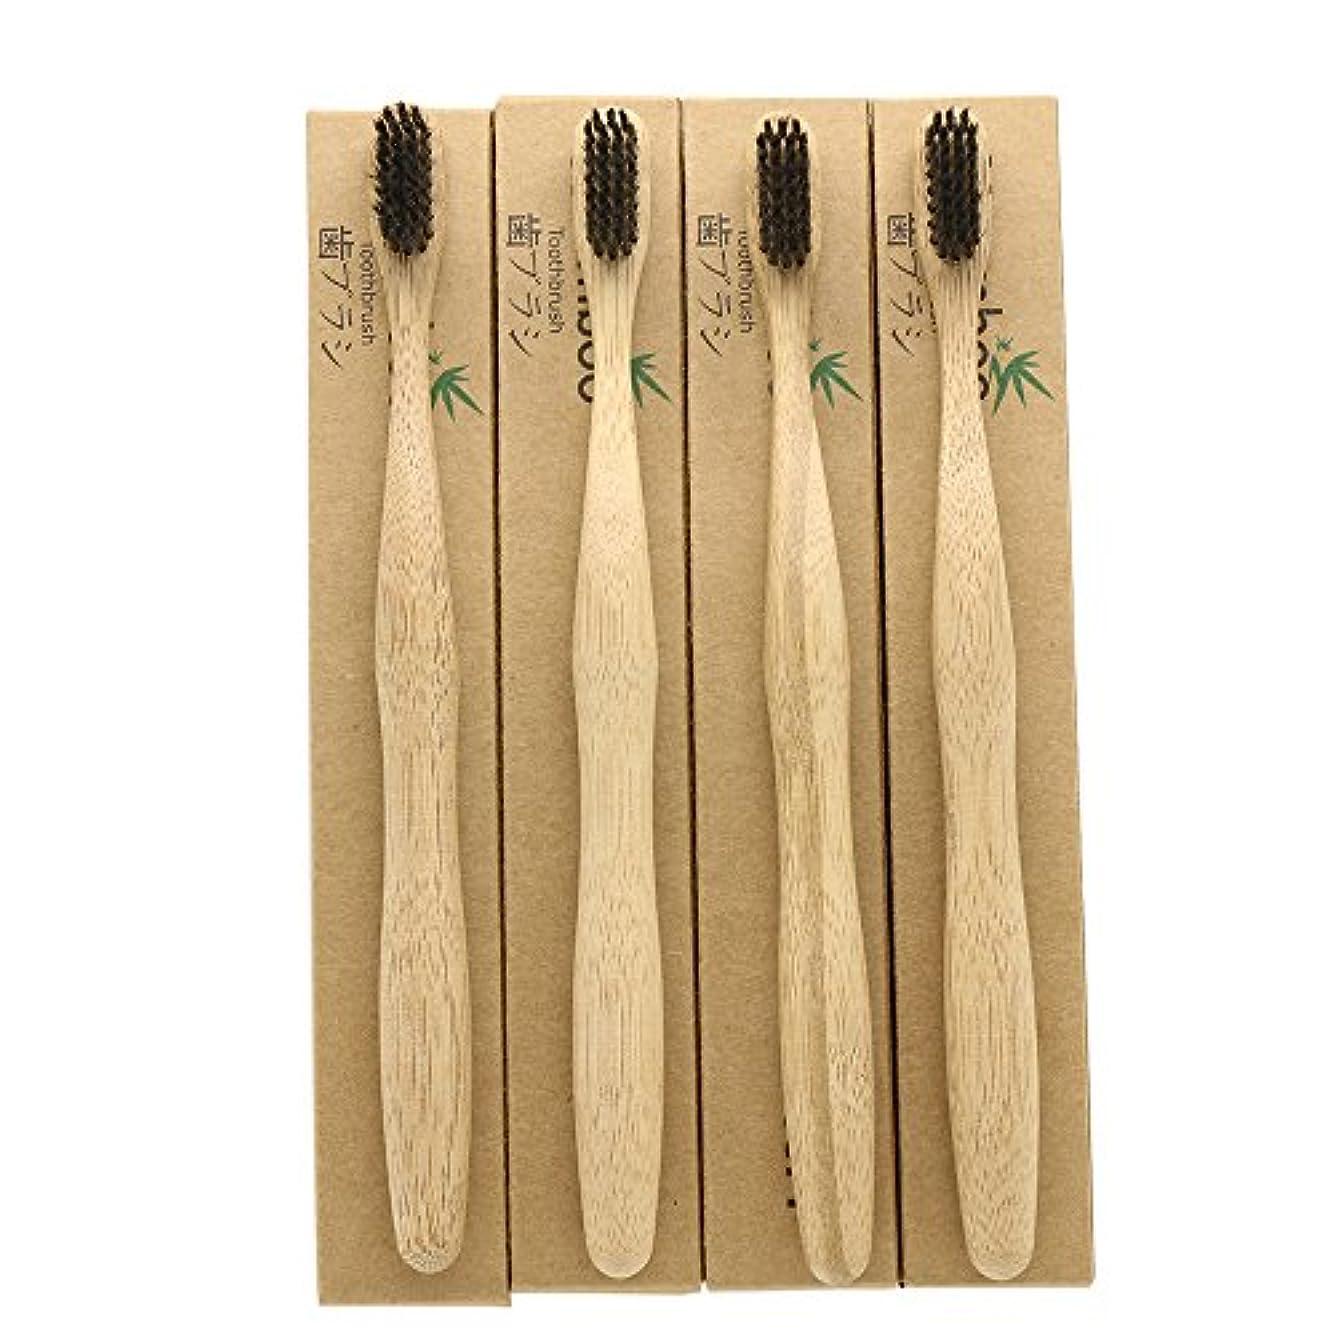 N-amboo 竹製耐久度高い 歯ブラシ  黒い ハンドル大きい  4本入りセット